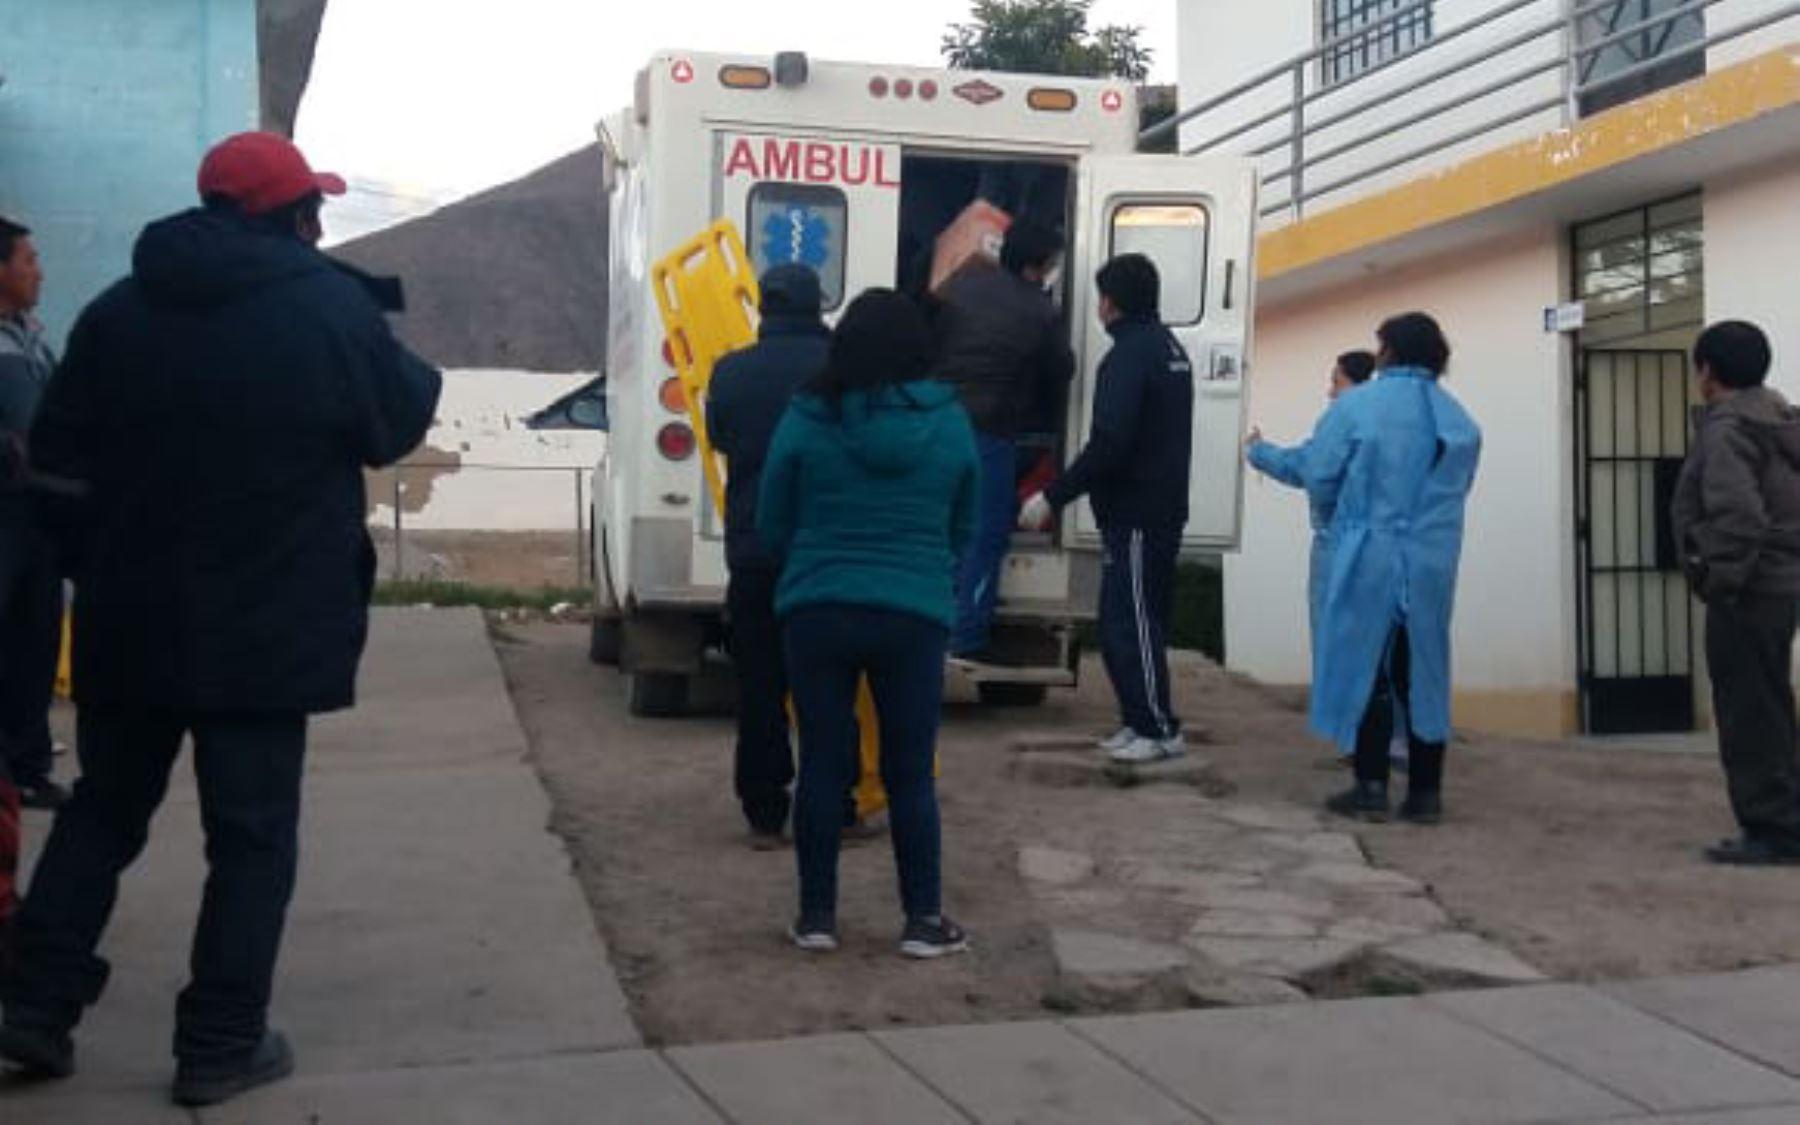 Traslado de ayuda y atención a los pobladores intoxicados del distrito de San José Ushua, en la provincia ayacuchana de Páucar del Sara Sara. Foto: ANDINA/Diresa Ayacucho.